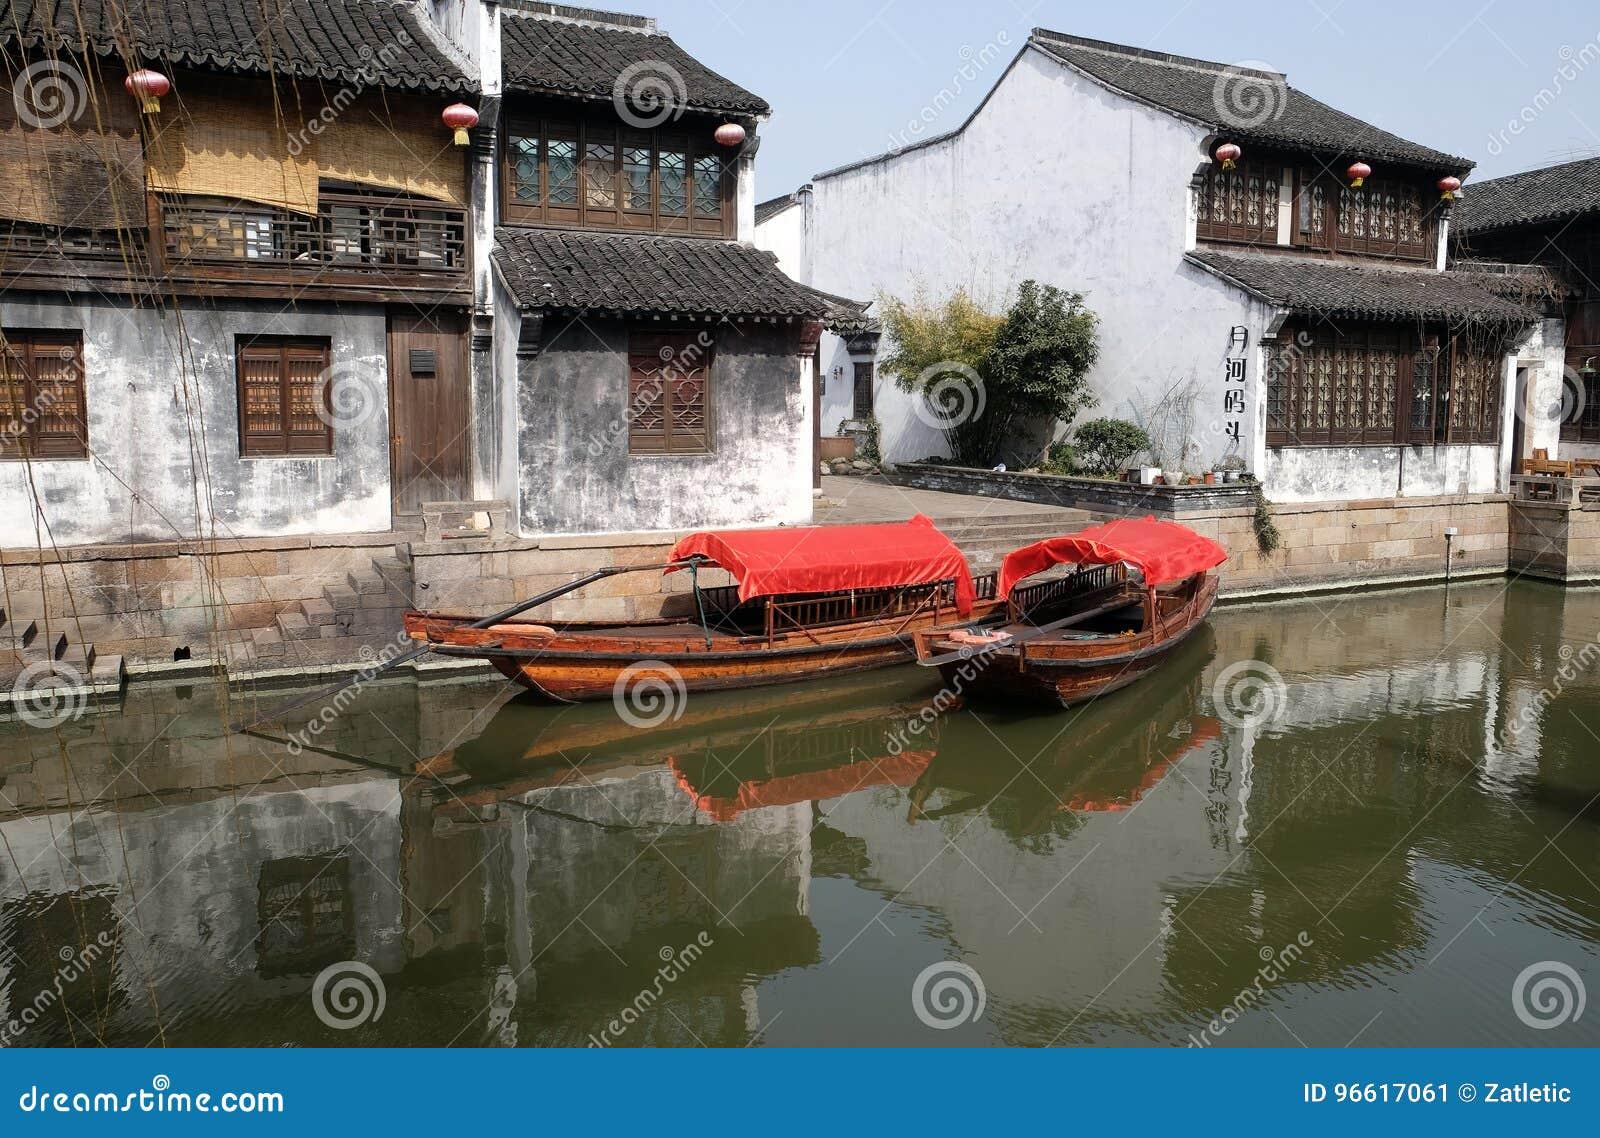 Case Tradizionali Cinesi : Case tradizionali tibetane nella città di gyantse nella regione